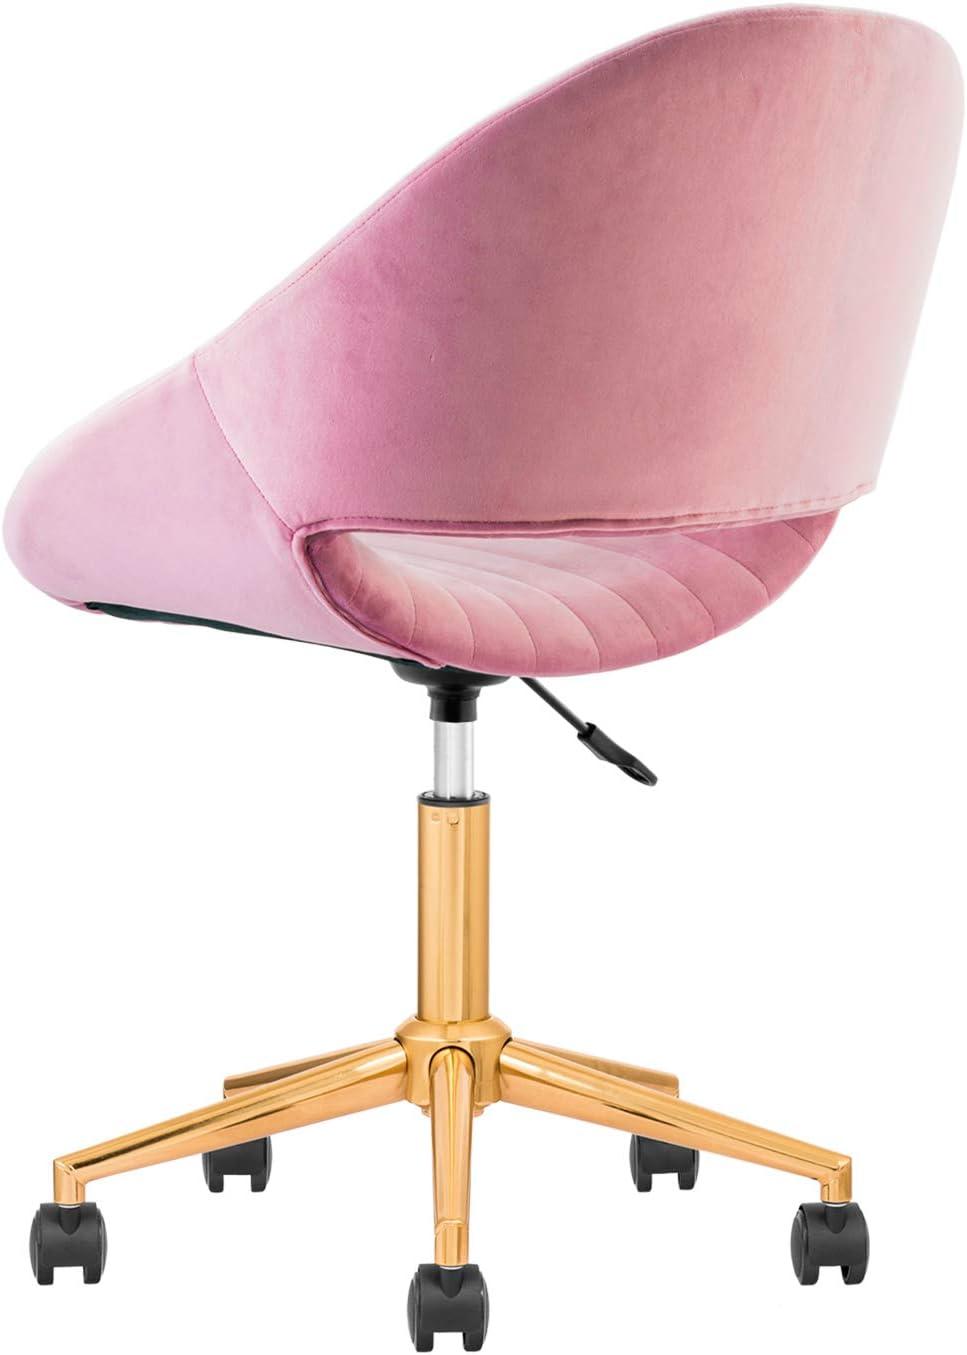 OVIOS Cute Desk Chair,Plush Velvet Office Chair for Home or Office,Modern,Comfortble,Nice Task Chair for Computer Desk. Golden-Malachite Green